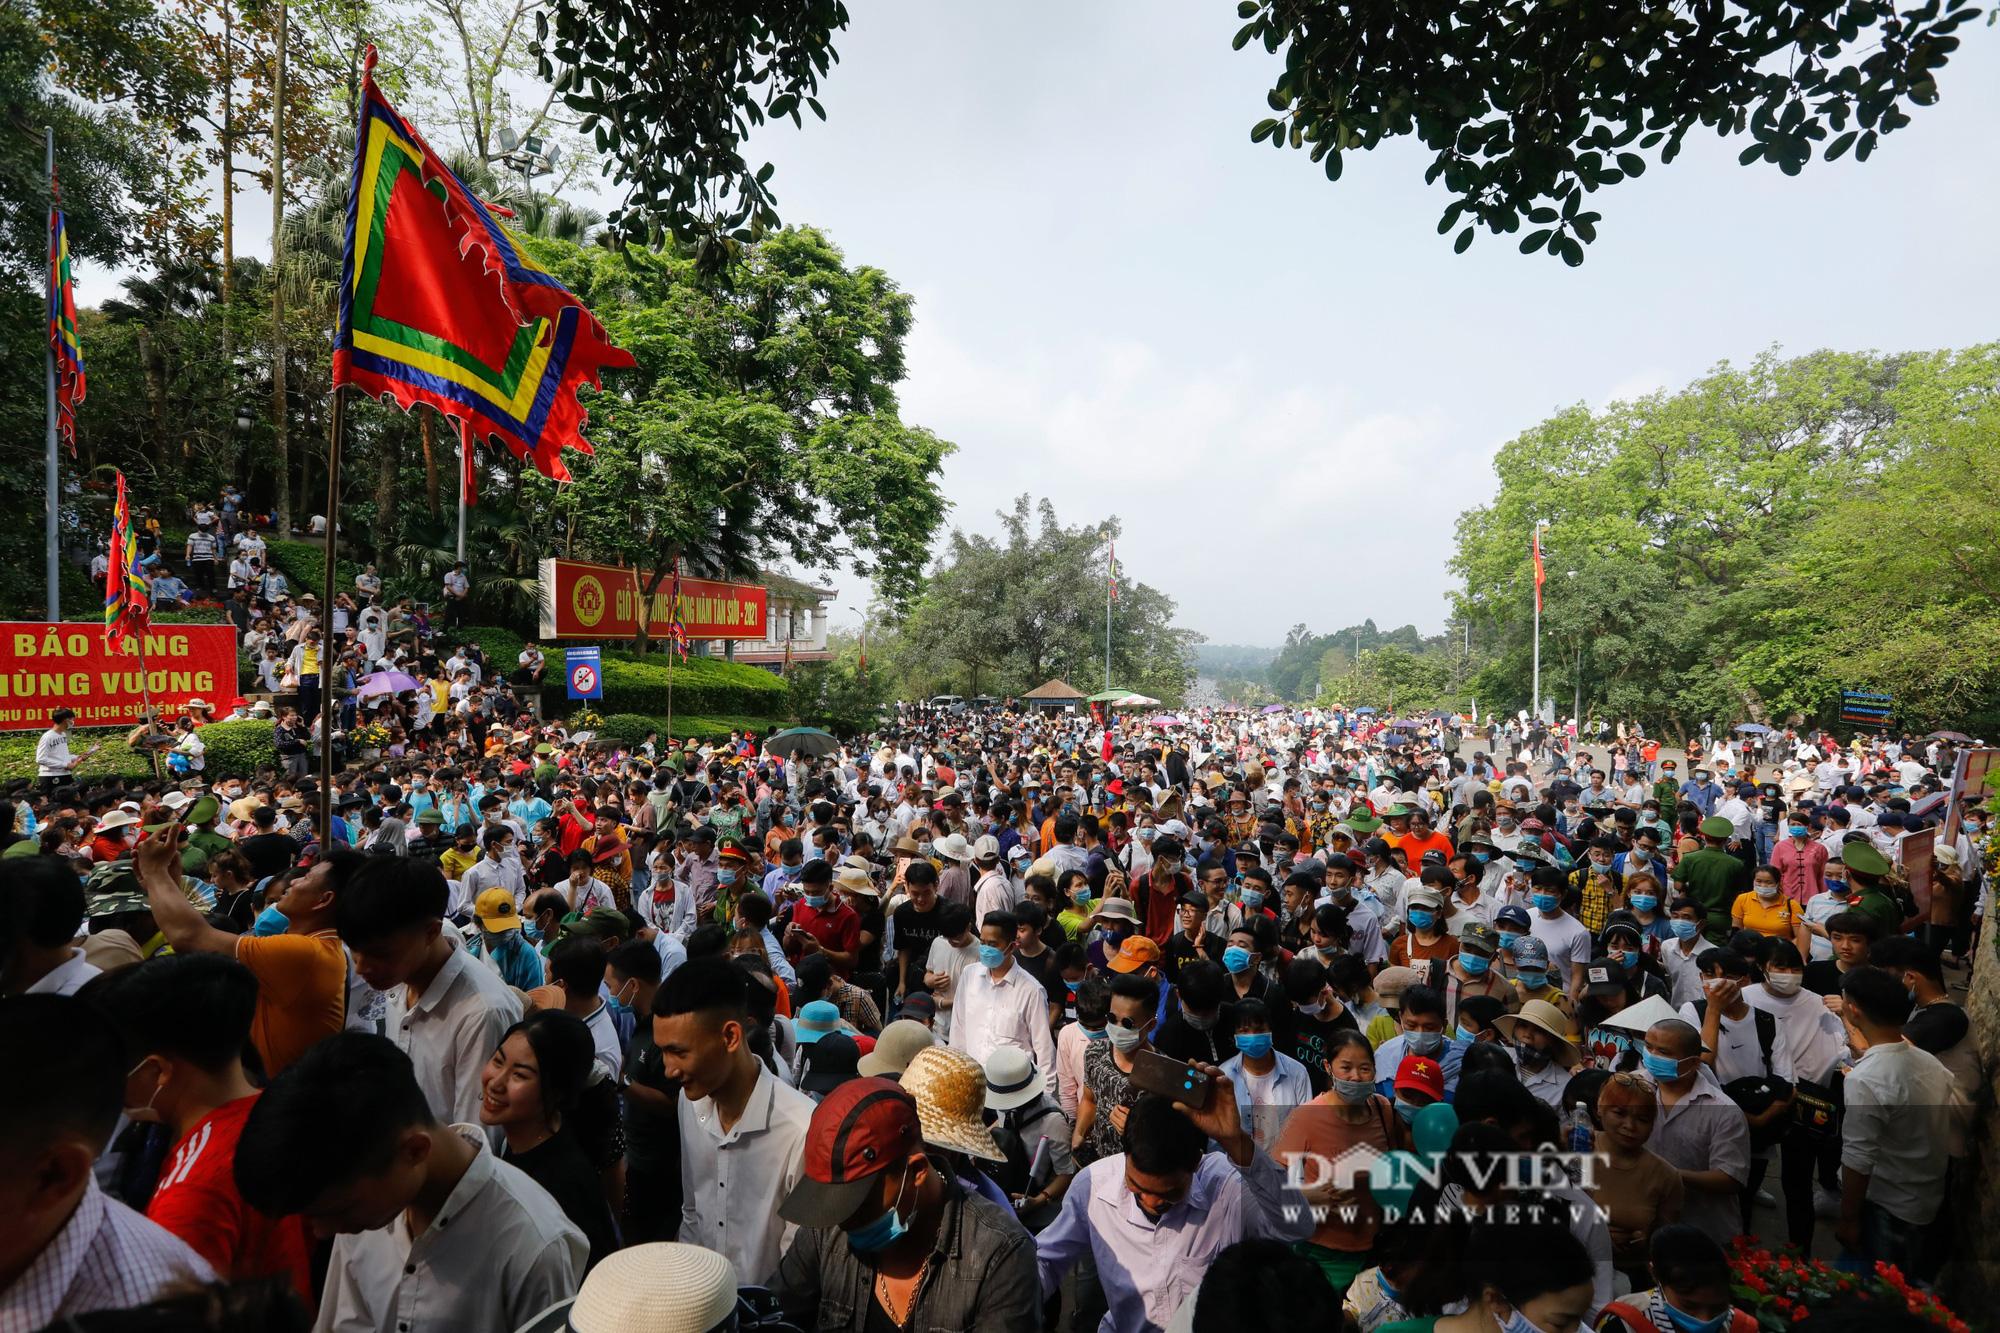 Chủ tịch nước Nguyễn Xuân Phúc dâng hương tưởng nhớ các vua Hùng - Ảnh 6.